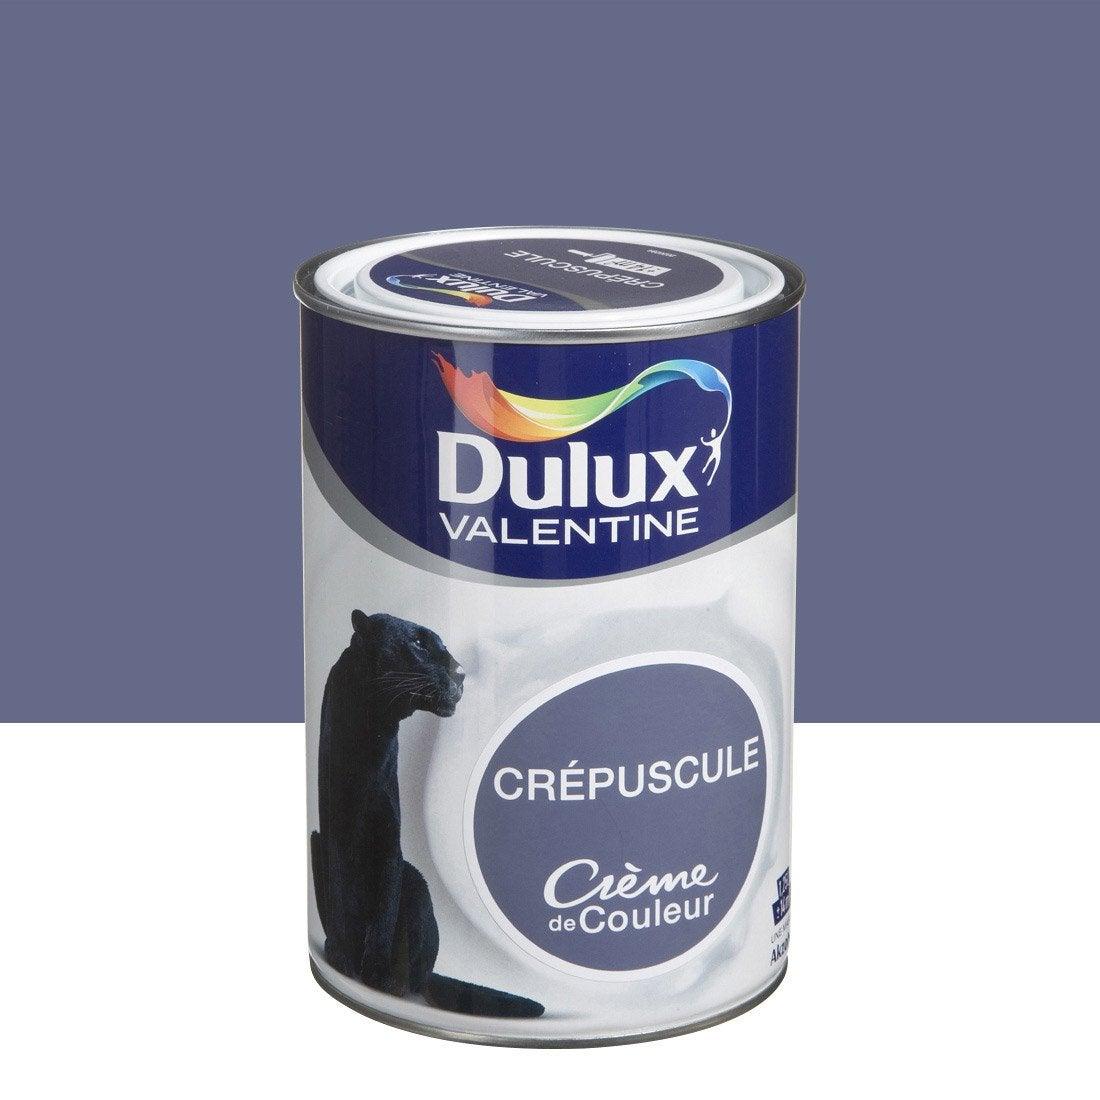 Peinture bleu cr puscule dulux valentine cr me de couleur l leroy merlin for Peinture v nuancier